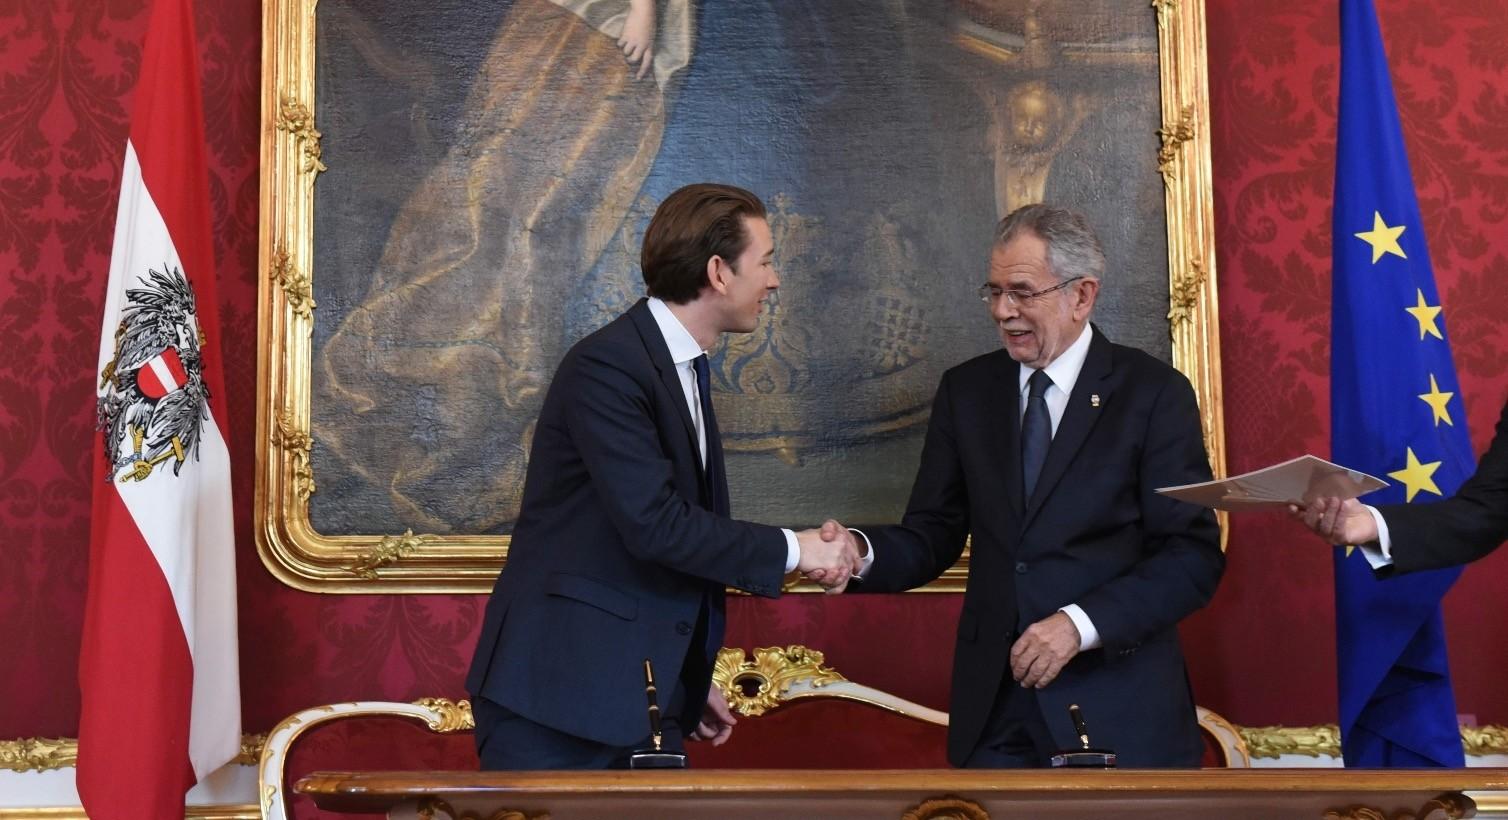 Outgoing Austrian Foreign minister Sebastian Kurz (L) and Austrian President Alexander Van der Bellen shake hands as Austria's outgoing government formally tender their resignations in Vienna, Oct. 17.